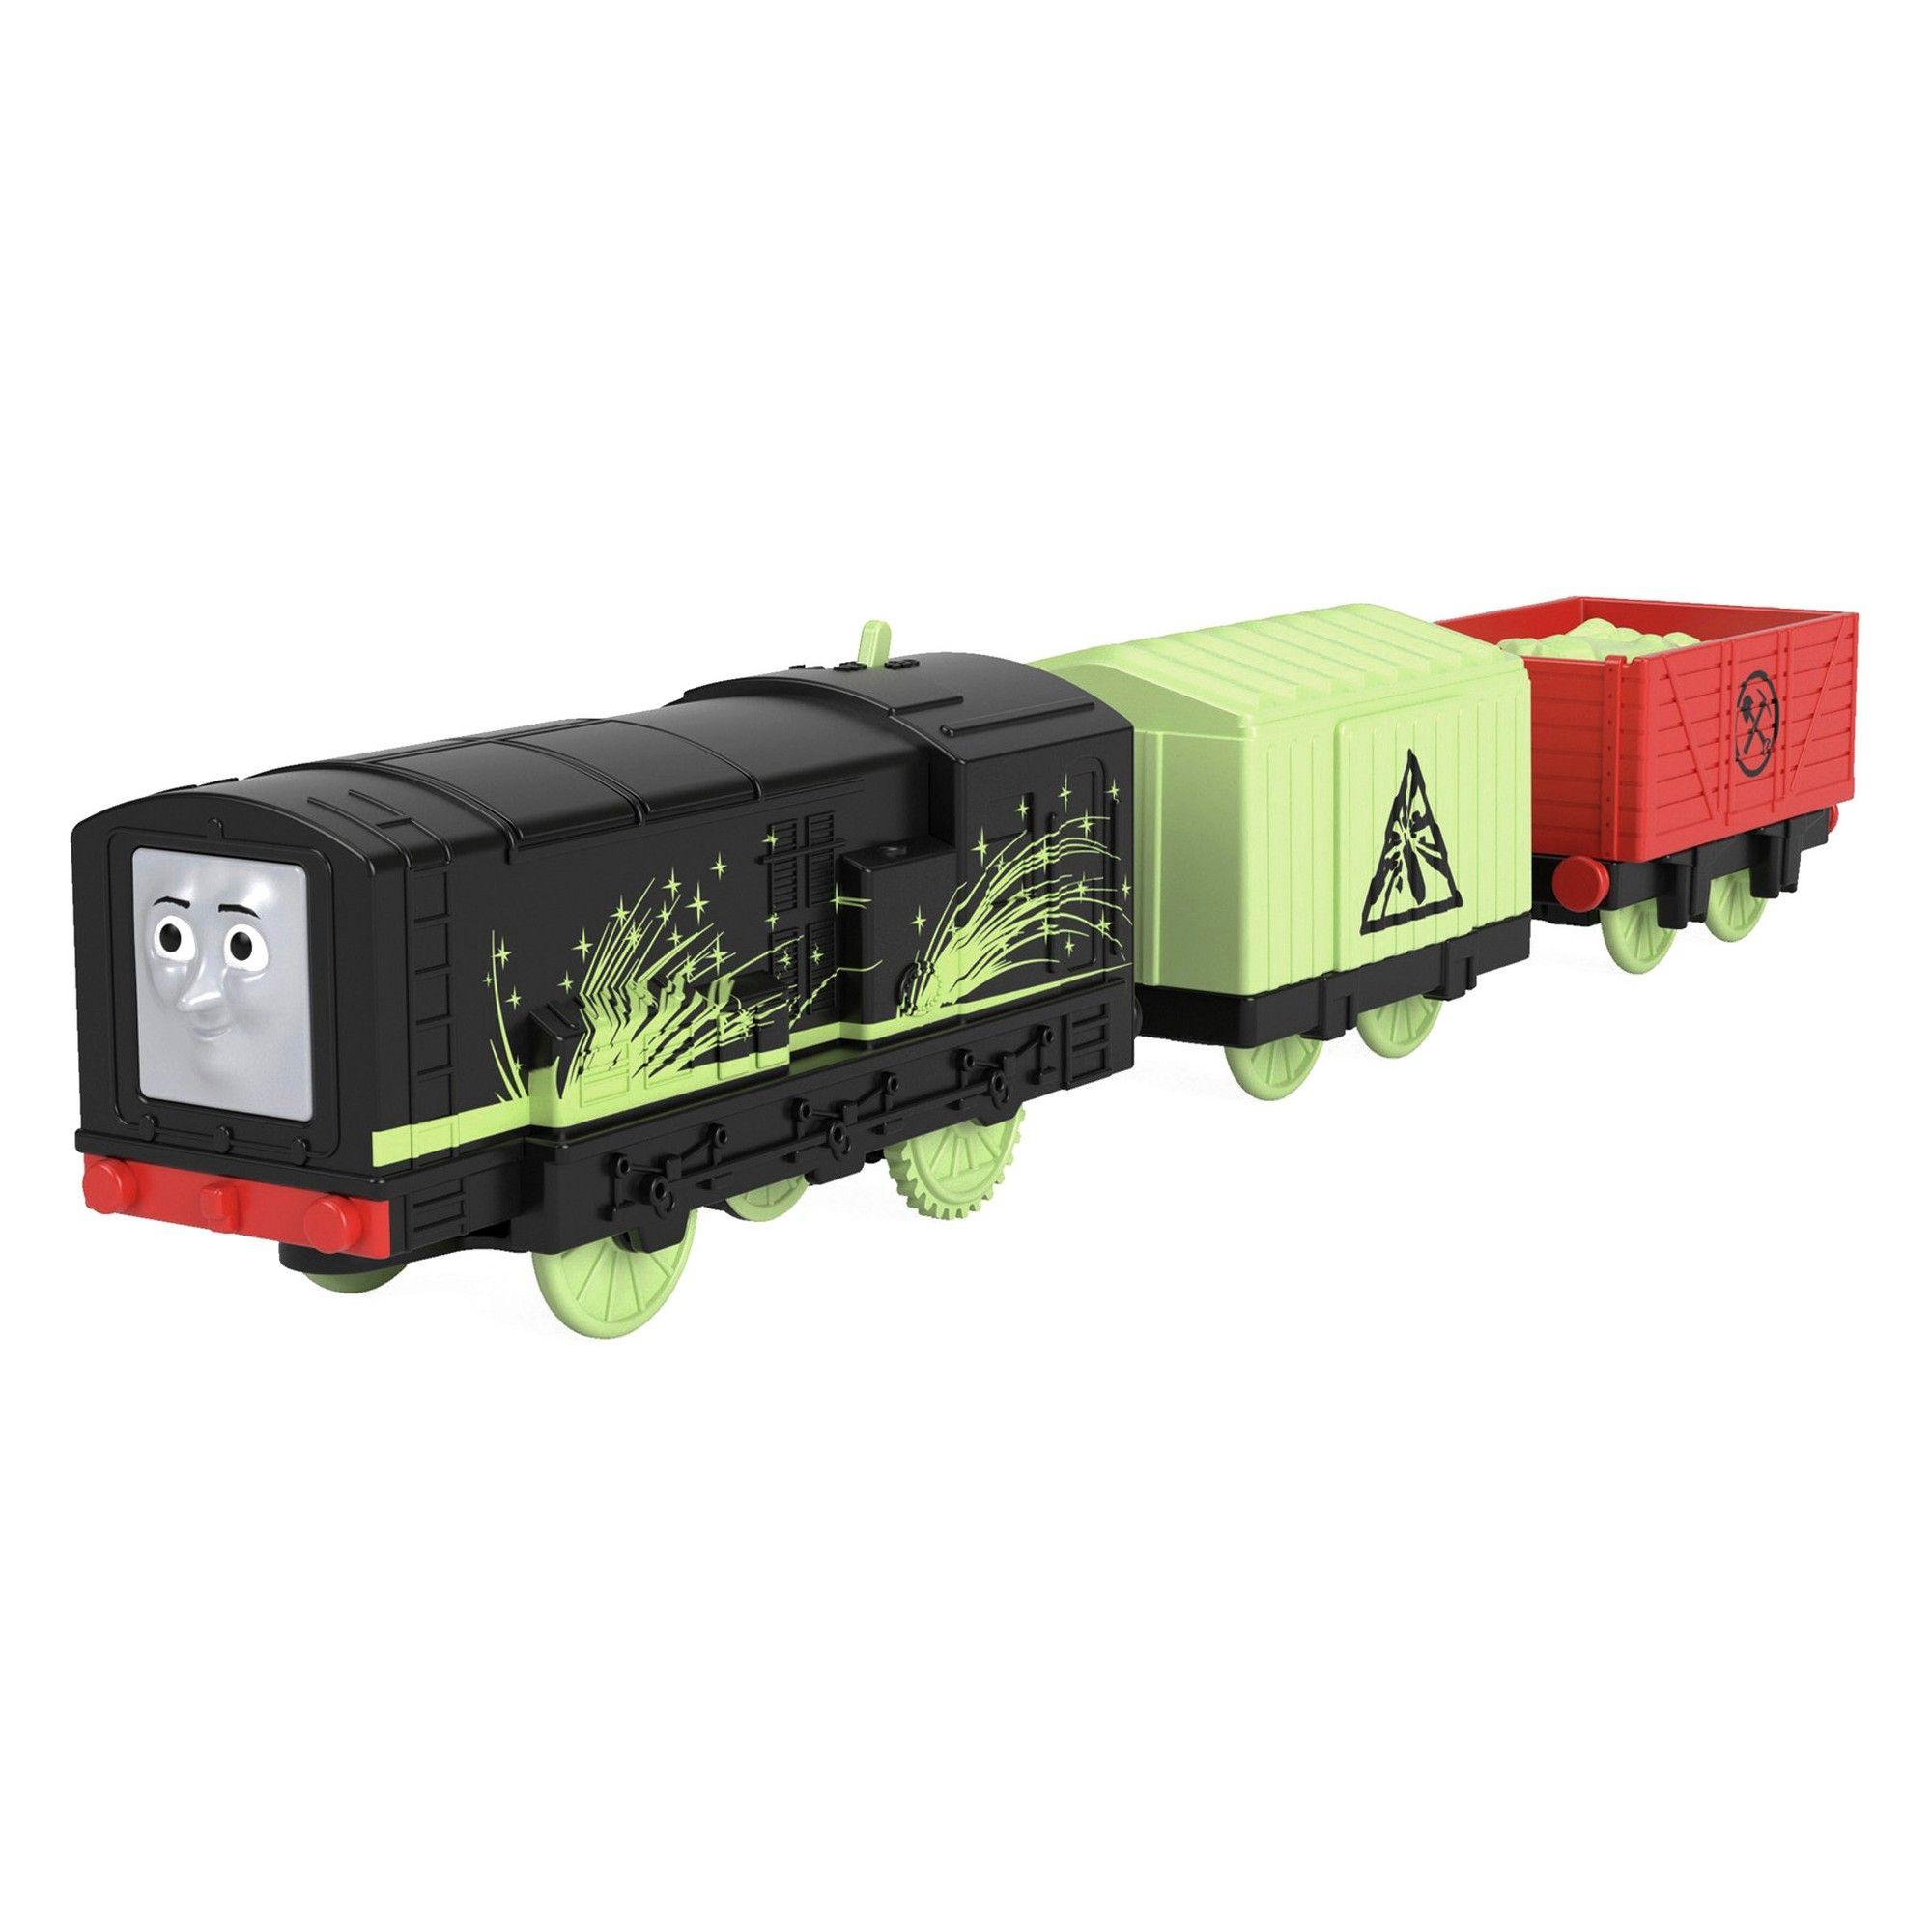 File:TrackMaster(Revolution)GlowintheDarkDiesel.jpg